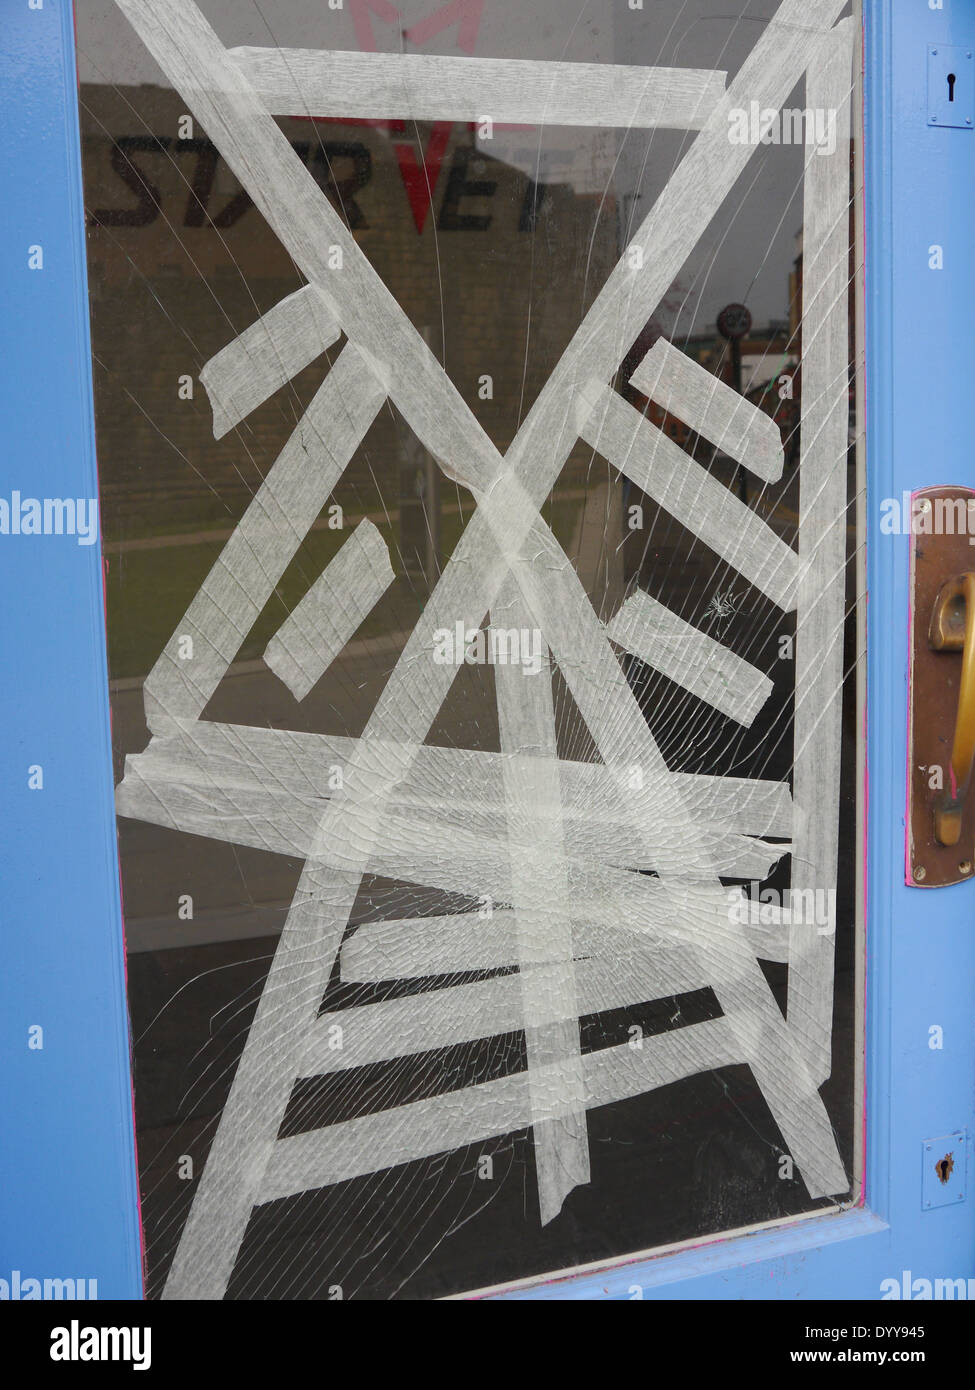 Vandalism - broken window of commercial premises, Newcastle upon Tyne, England, UK - Stock Image